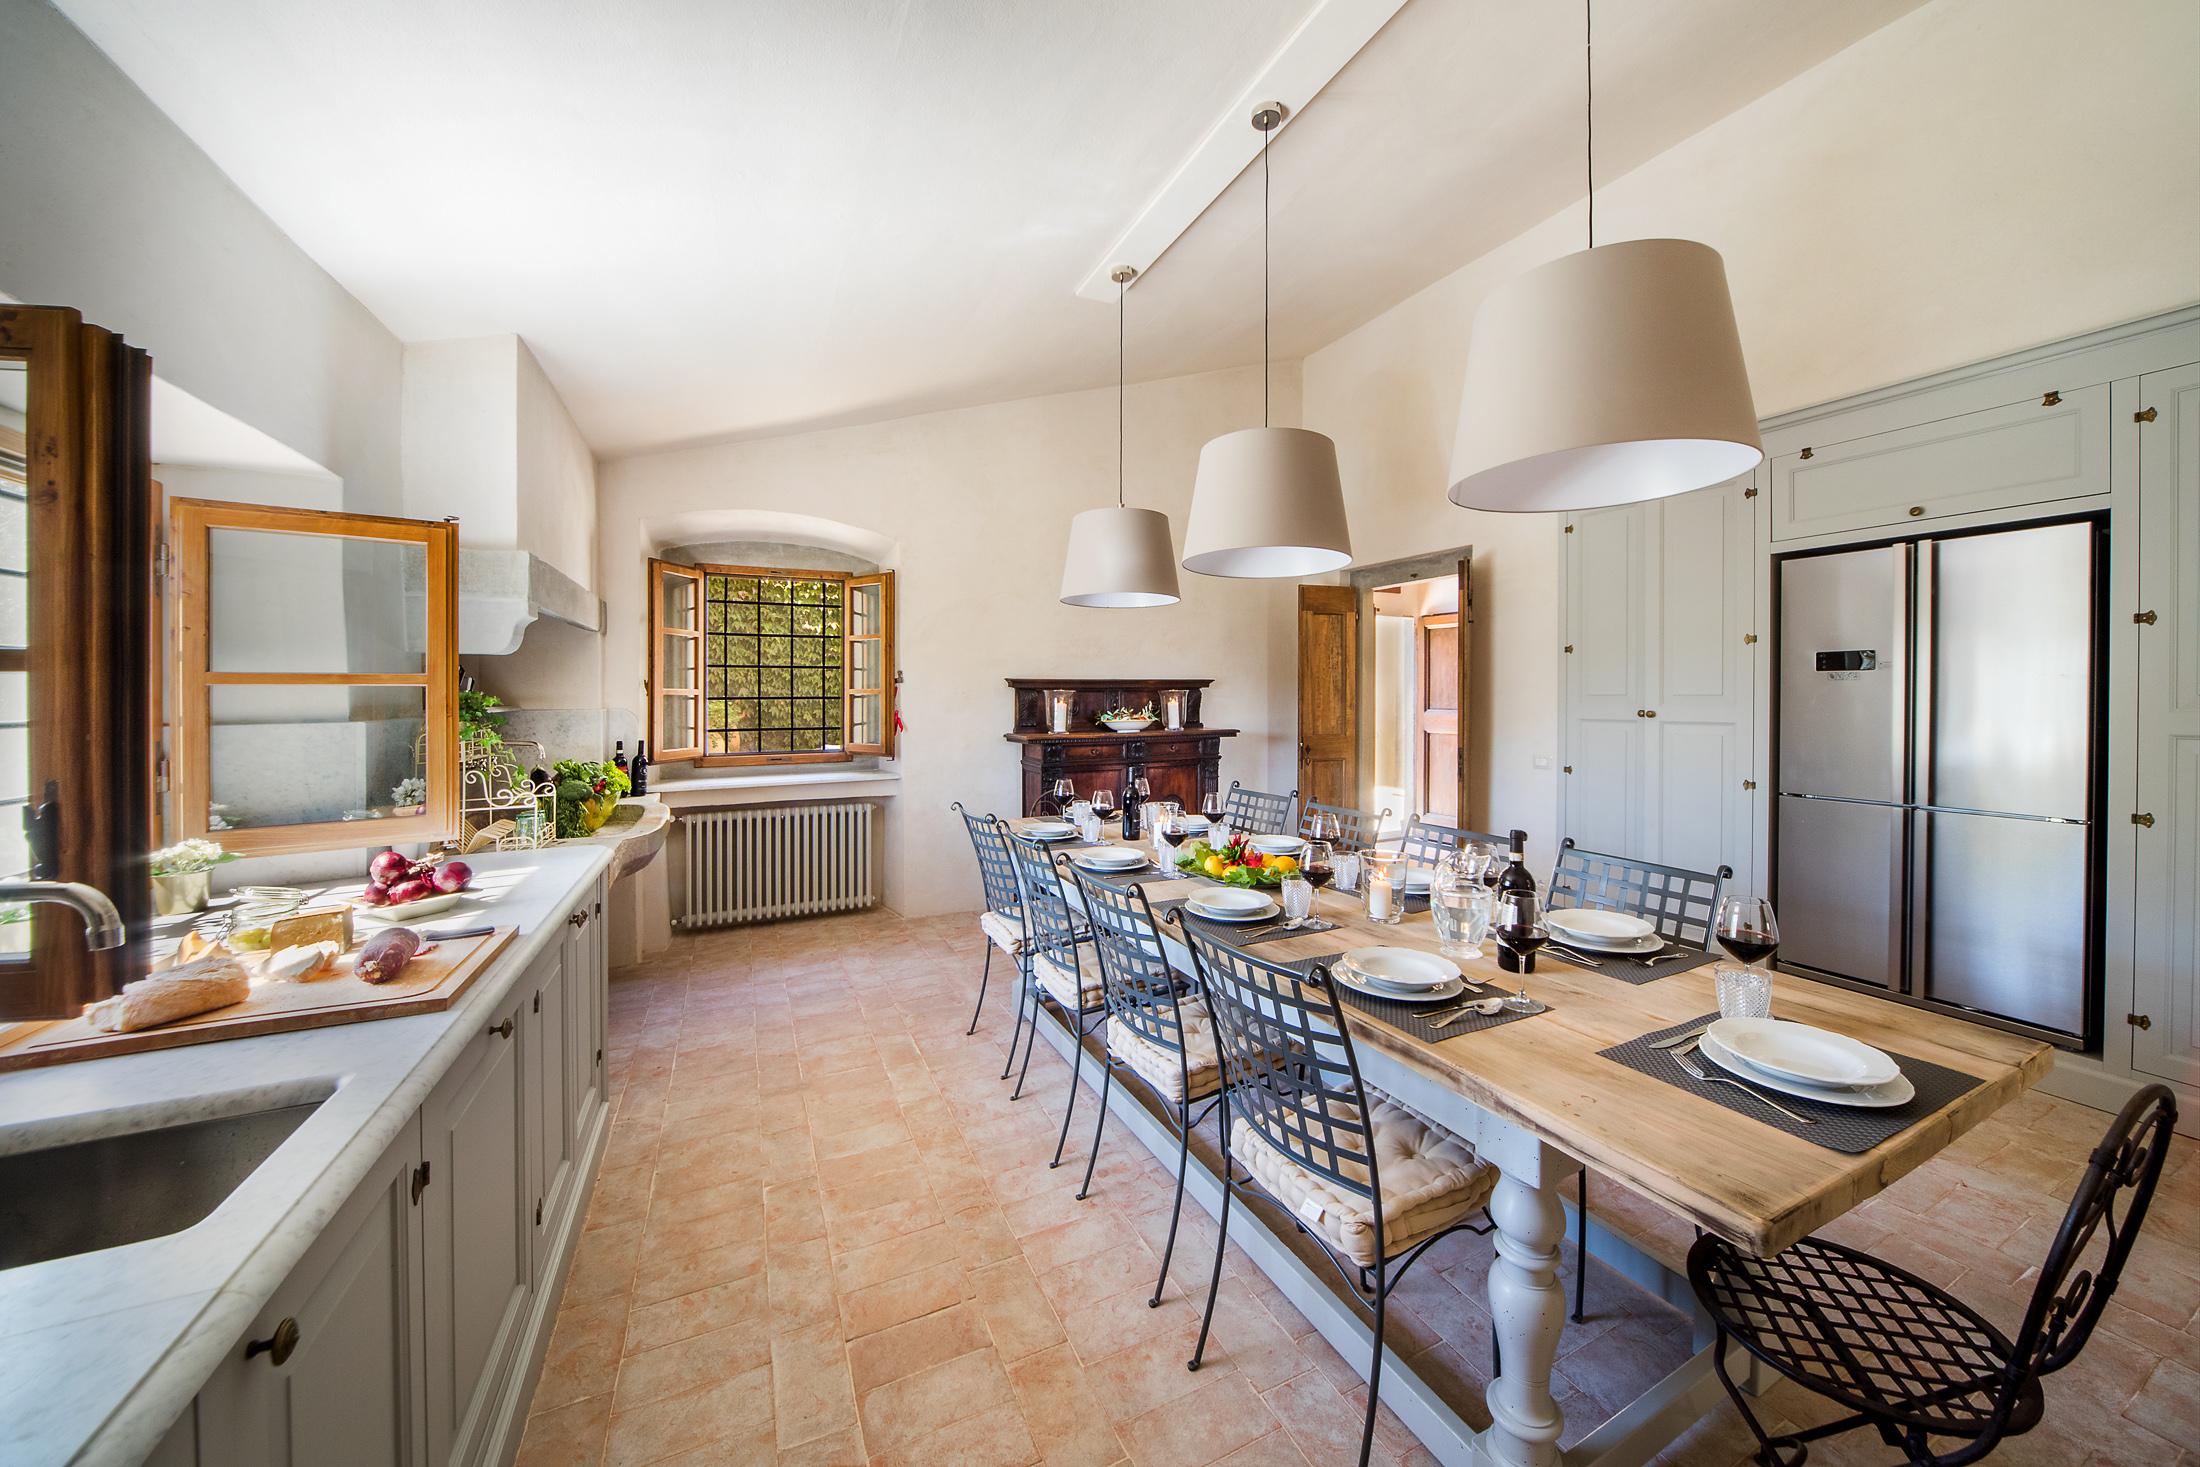 Cucina Con Tavolo.Cucina Con Tavolo Da Pranzo Homes In Tuscany